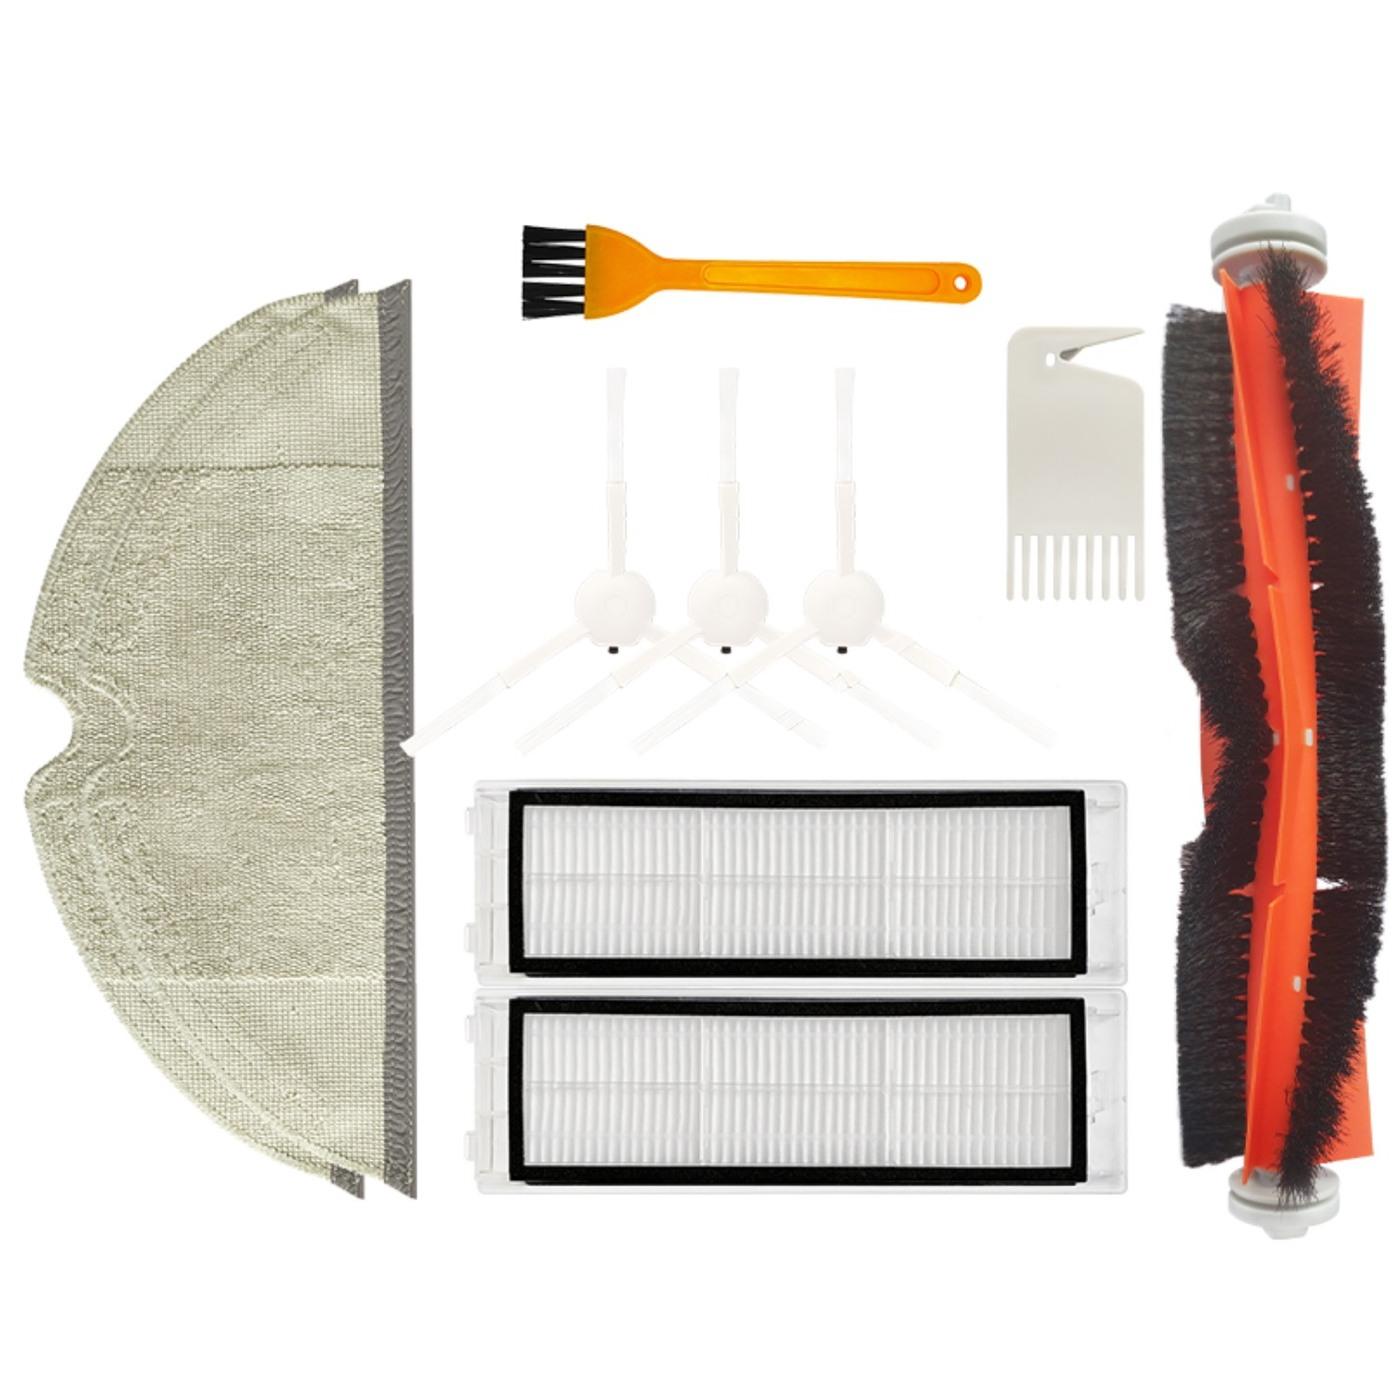 Комплект фильтров и щеток для робот-пылесоса Xiaomi Vacuum-Mop, 1C, 1С, SKV4093GL, STYTJ01ZHM, Dreame F9